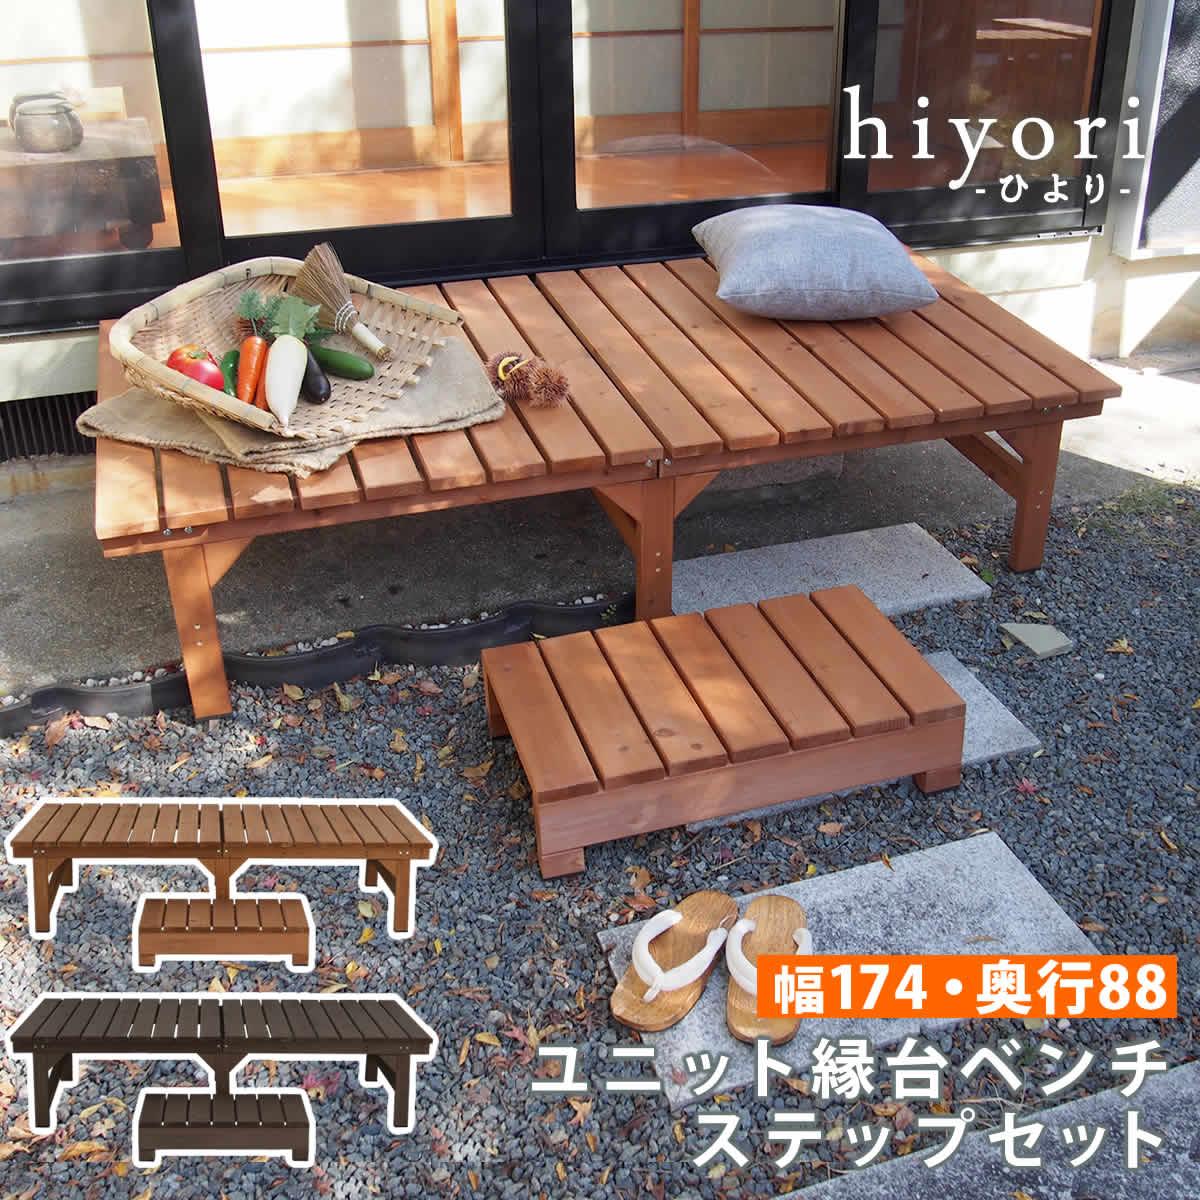 ユニット縁台ベンチ hiyori(ひより) ステップセット(幅174・奥行88) DE-17488STP